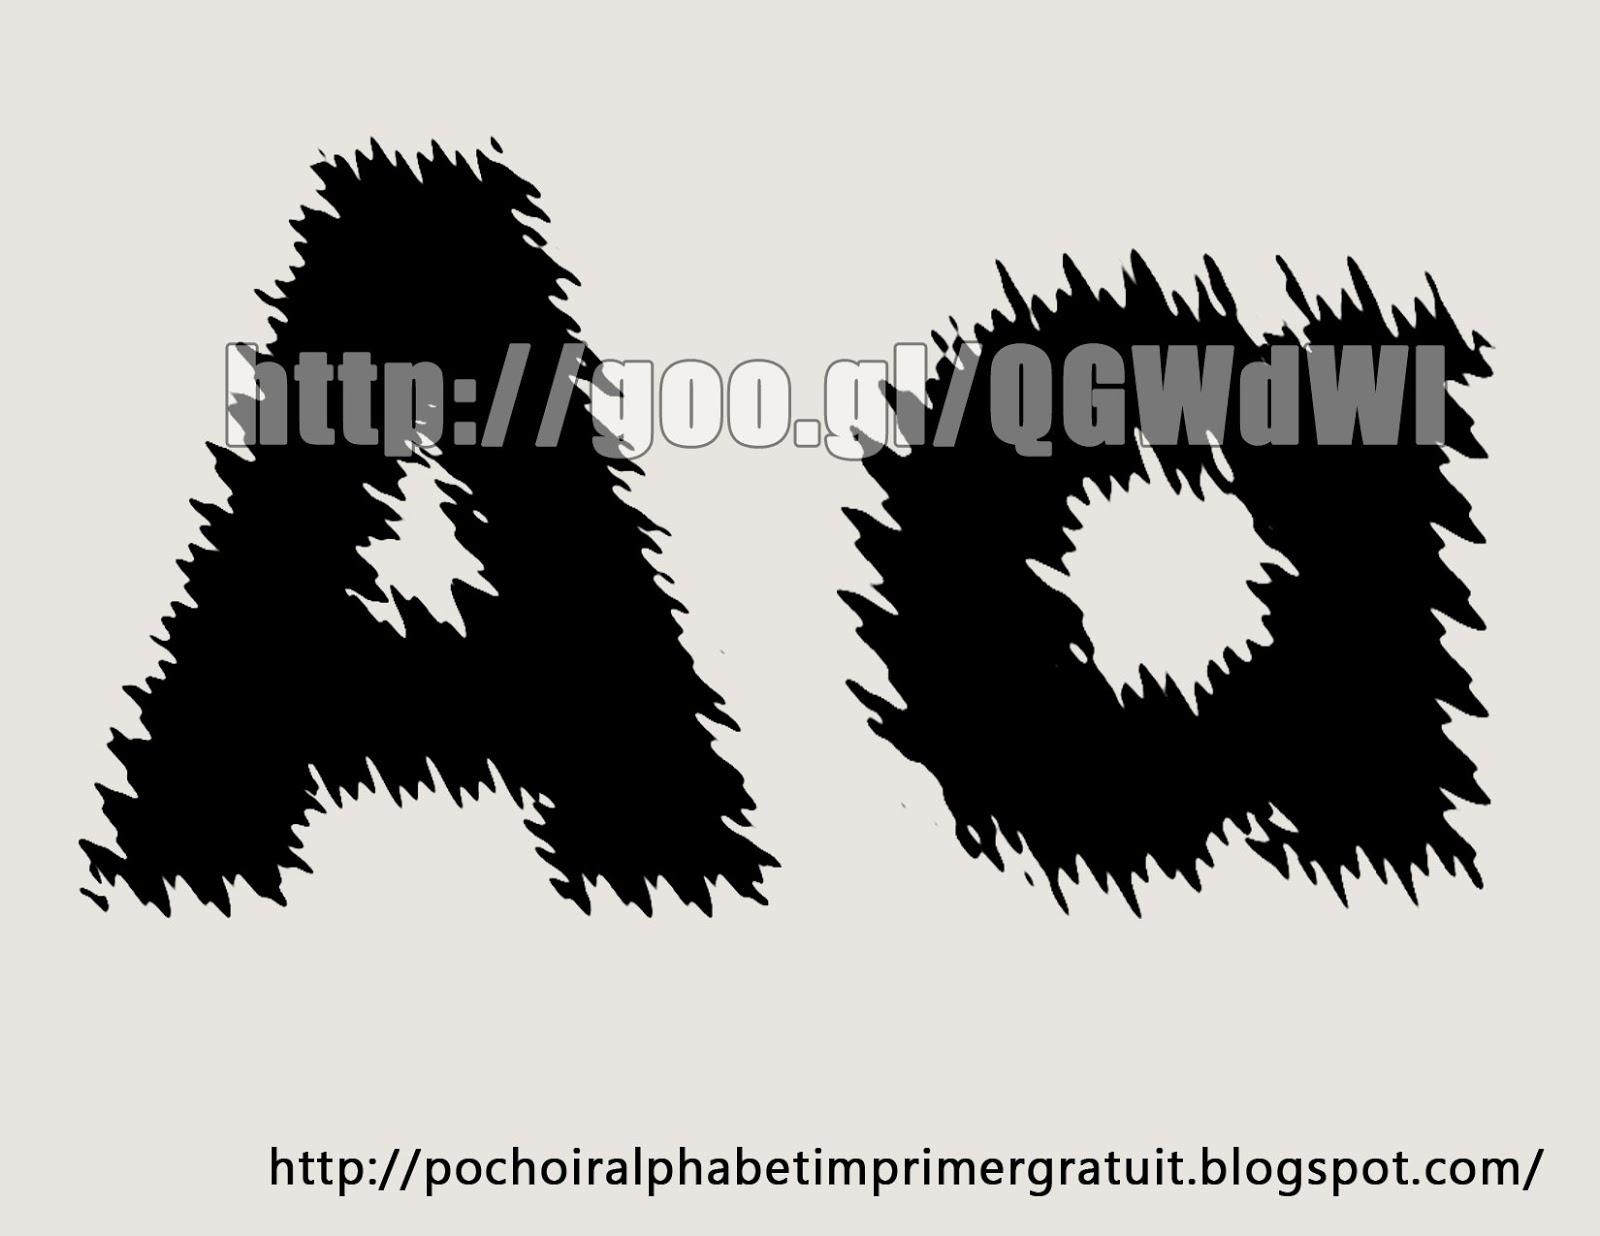 Pochoir Alphabet A Imprimer Gratuit: Lettre Alphabet Pochoir avec Lettre A Imprimer Gratuit